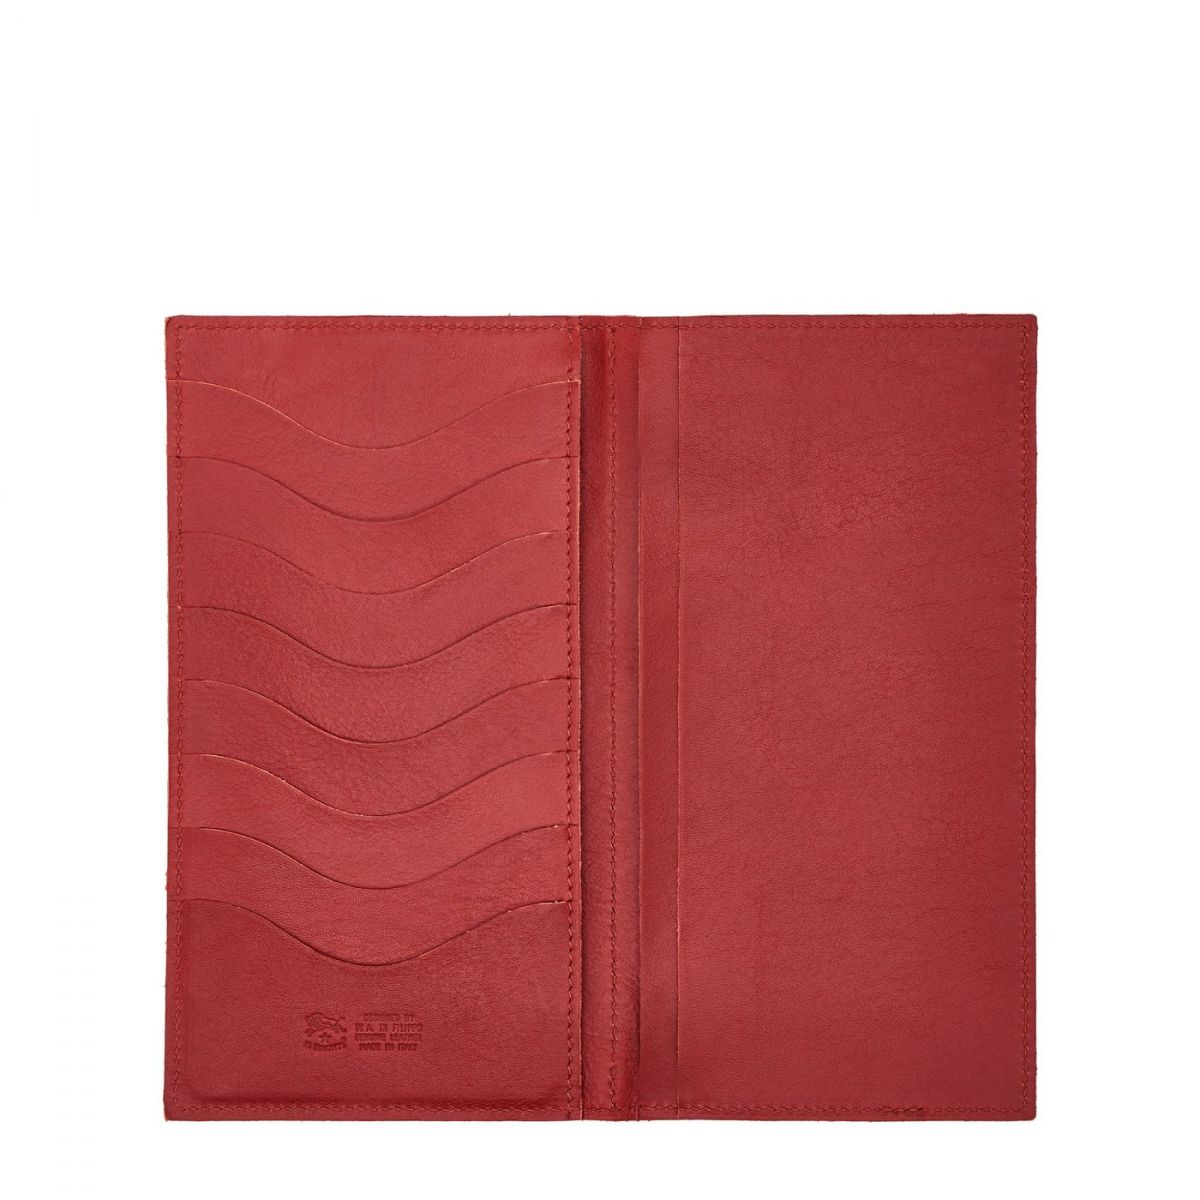 Portefeuille en Cuir De Vachette Doublé couleur Rouge - SMW043 | Details